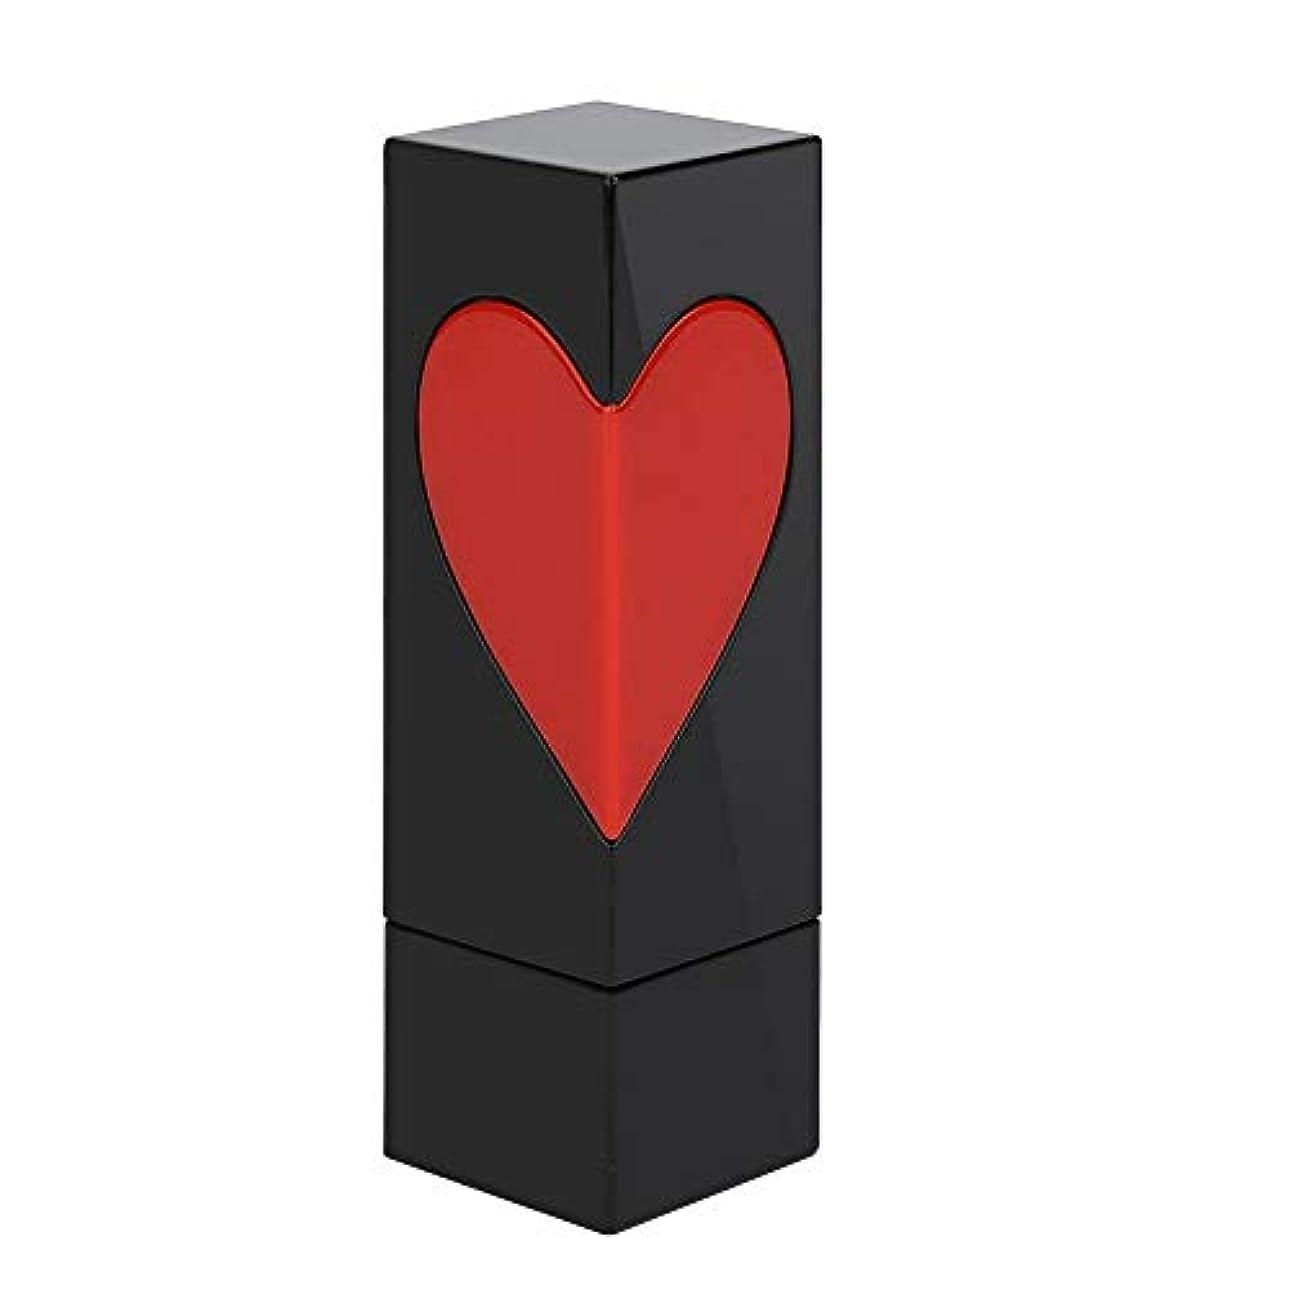 事圧縮する提供空口紅チューブ、かわいい 手作りリップスティックコンテナ 美しい外観 プラスチック製 口紅チューブ用 DIY用 2スタイル選べる(1枚)